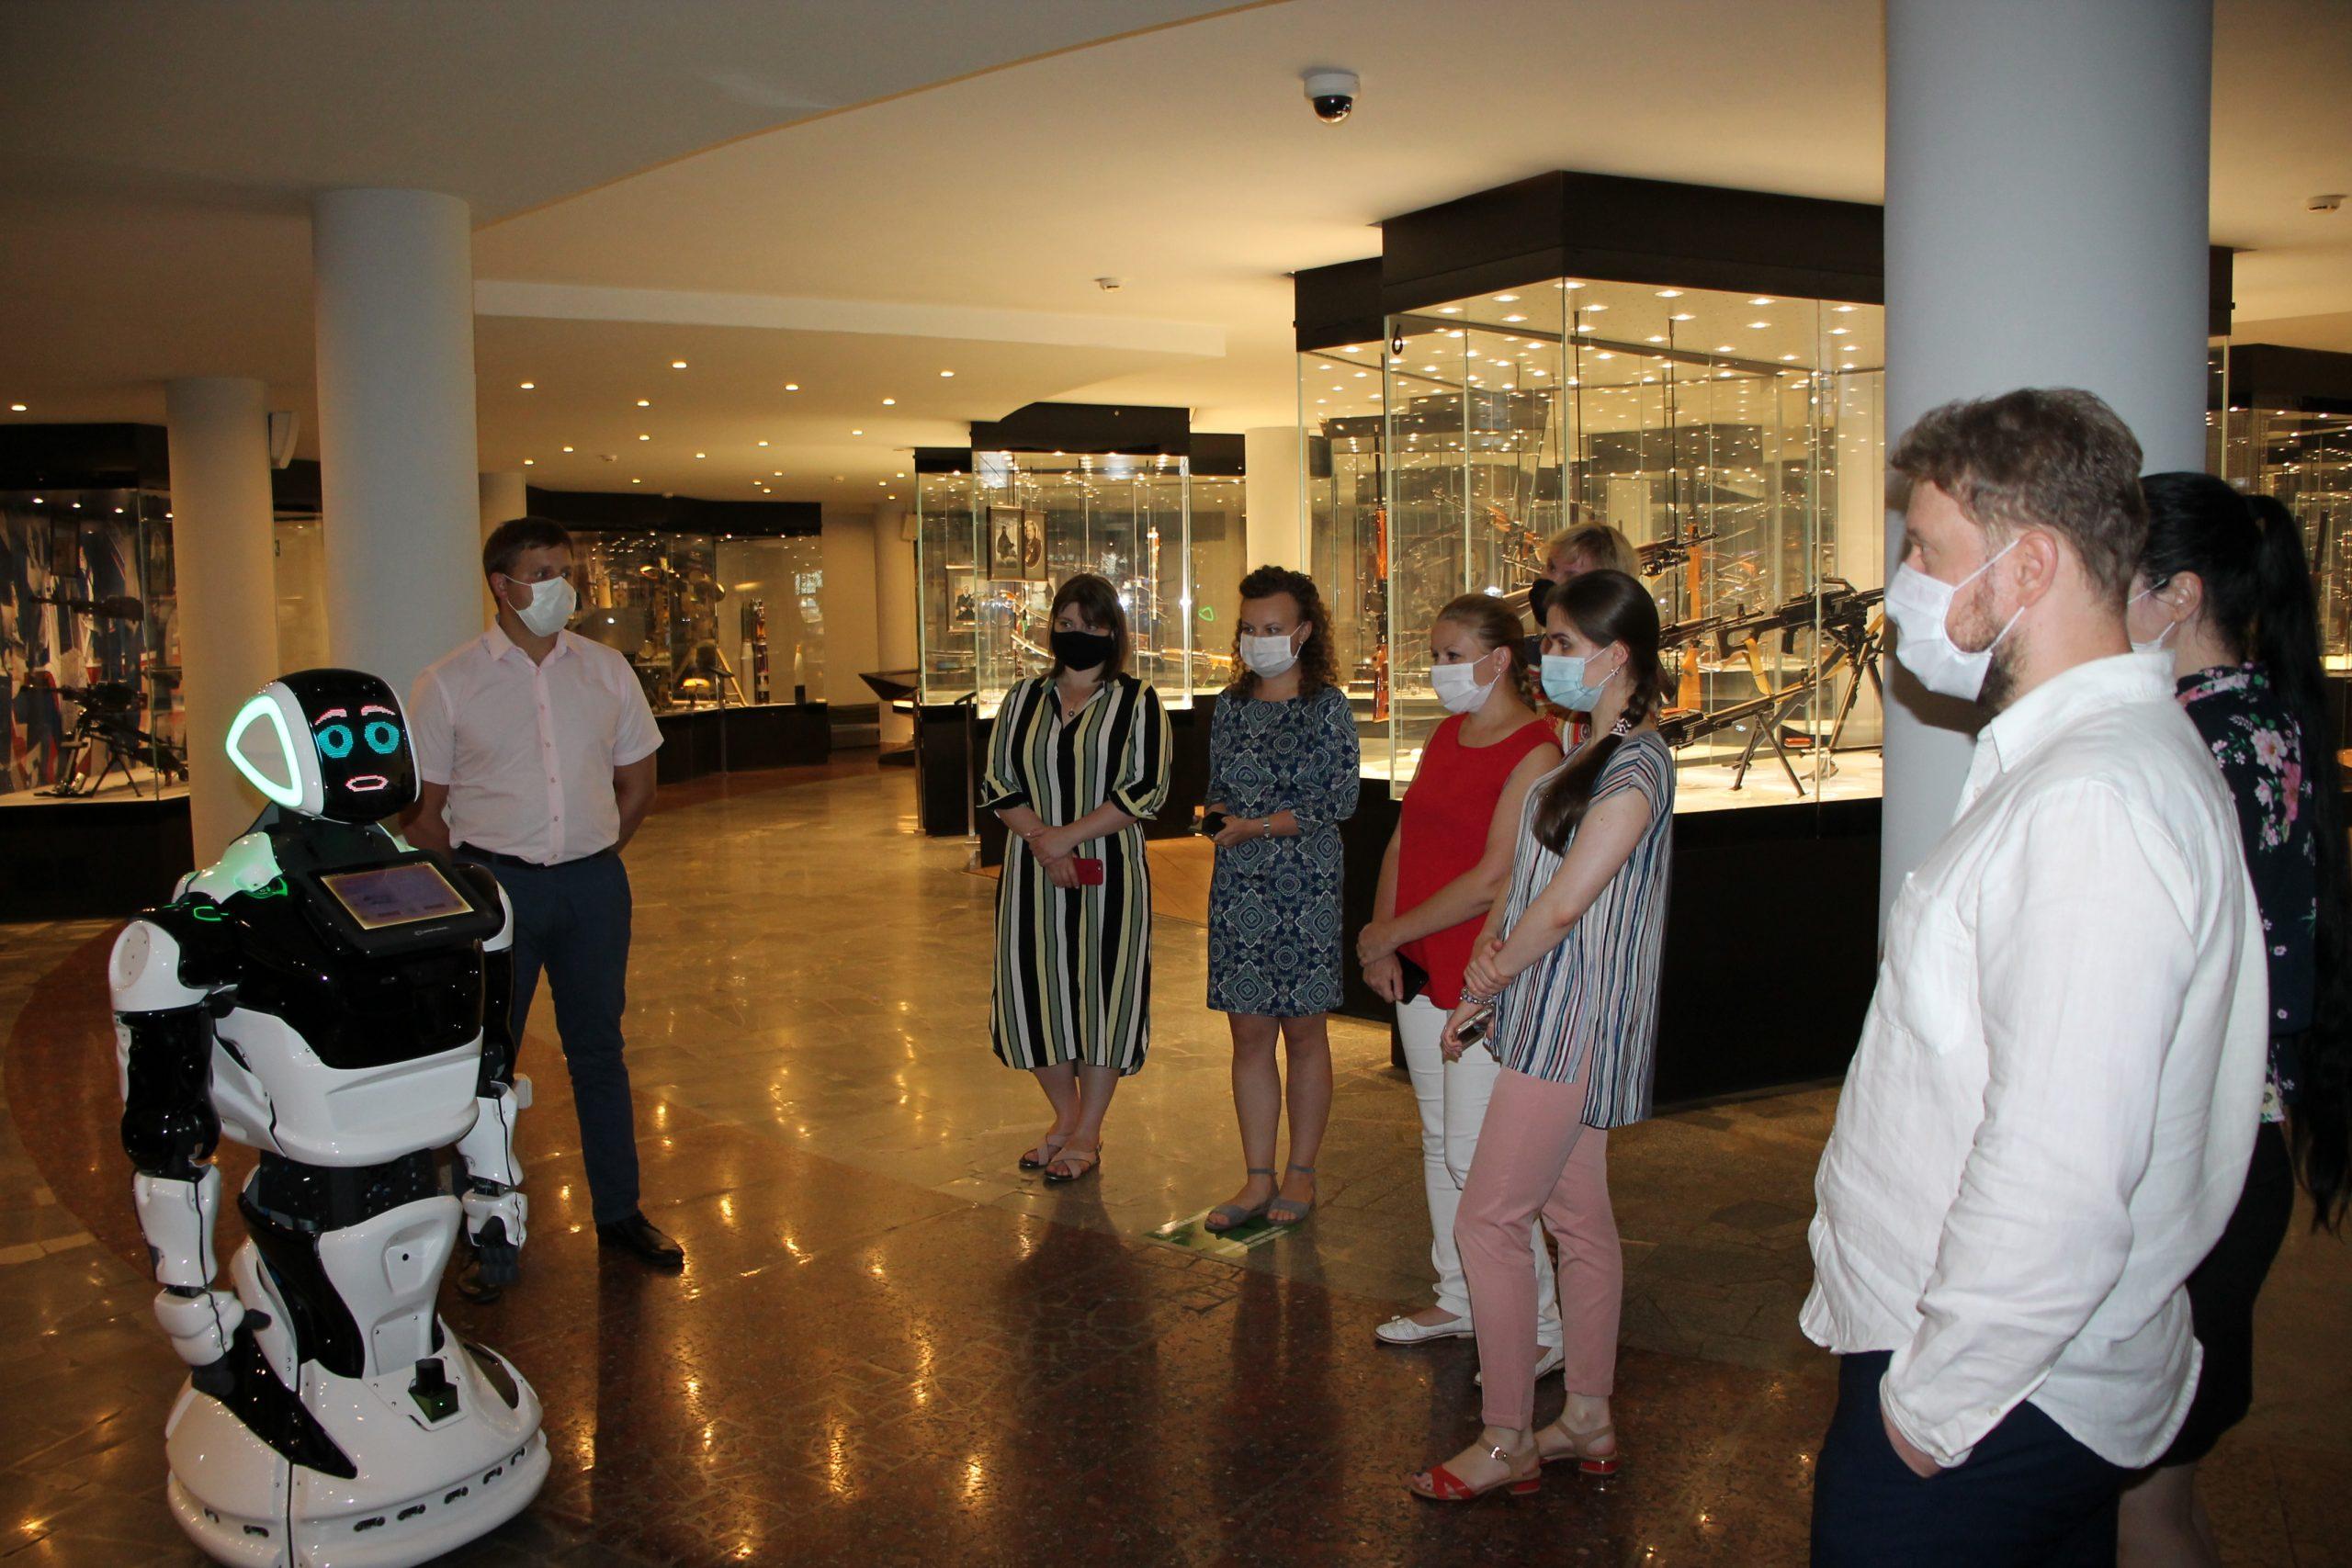 Промобот рассказывает посетителям об экспонатах в Тульском музее оружия